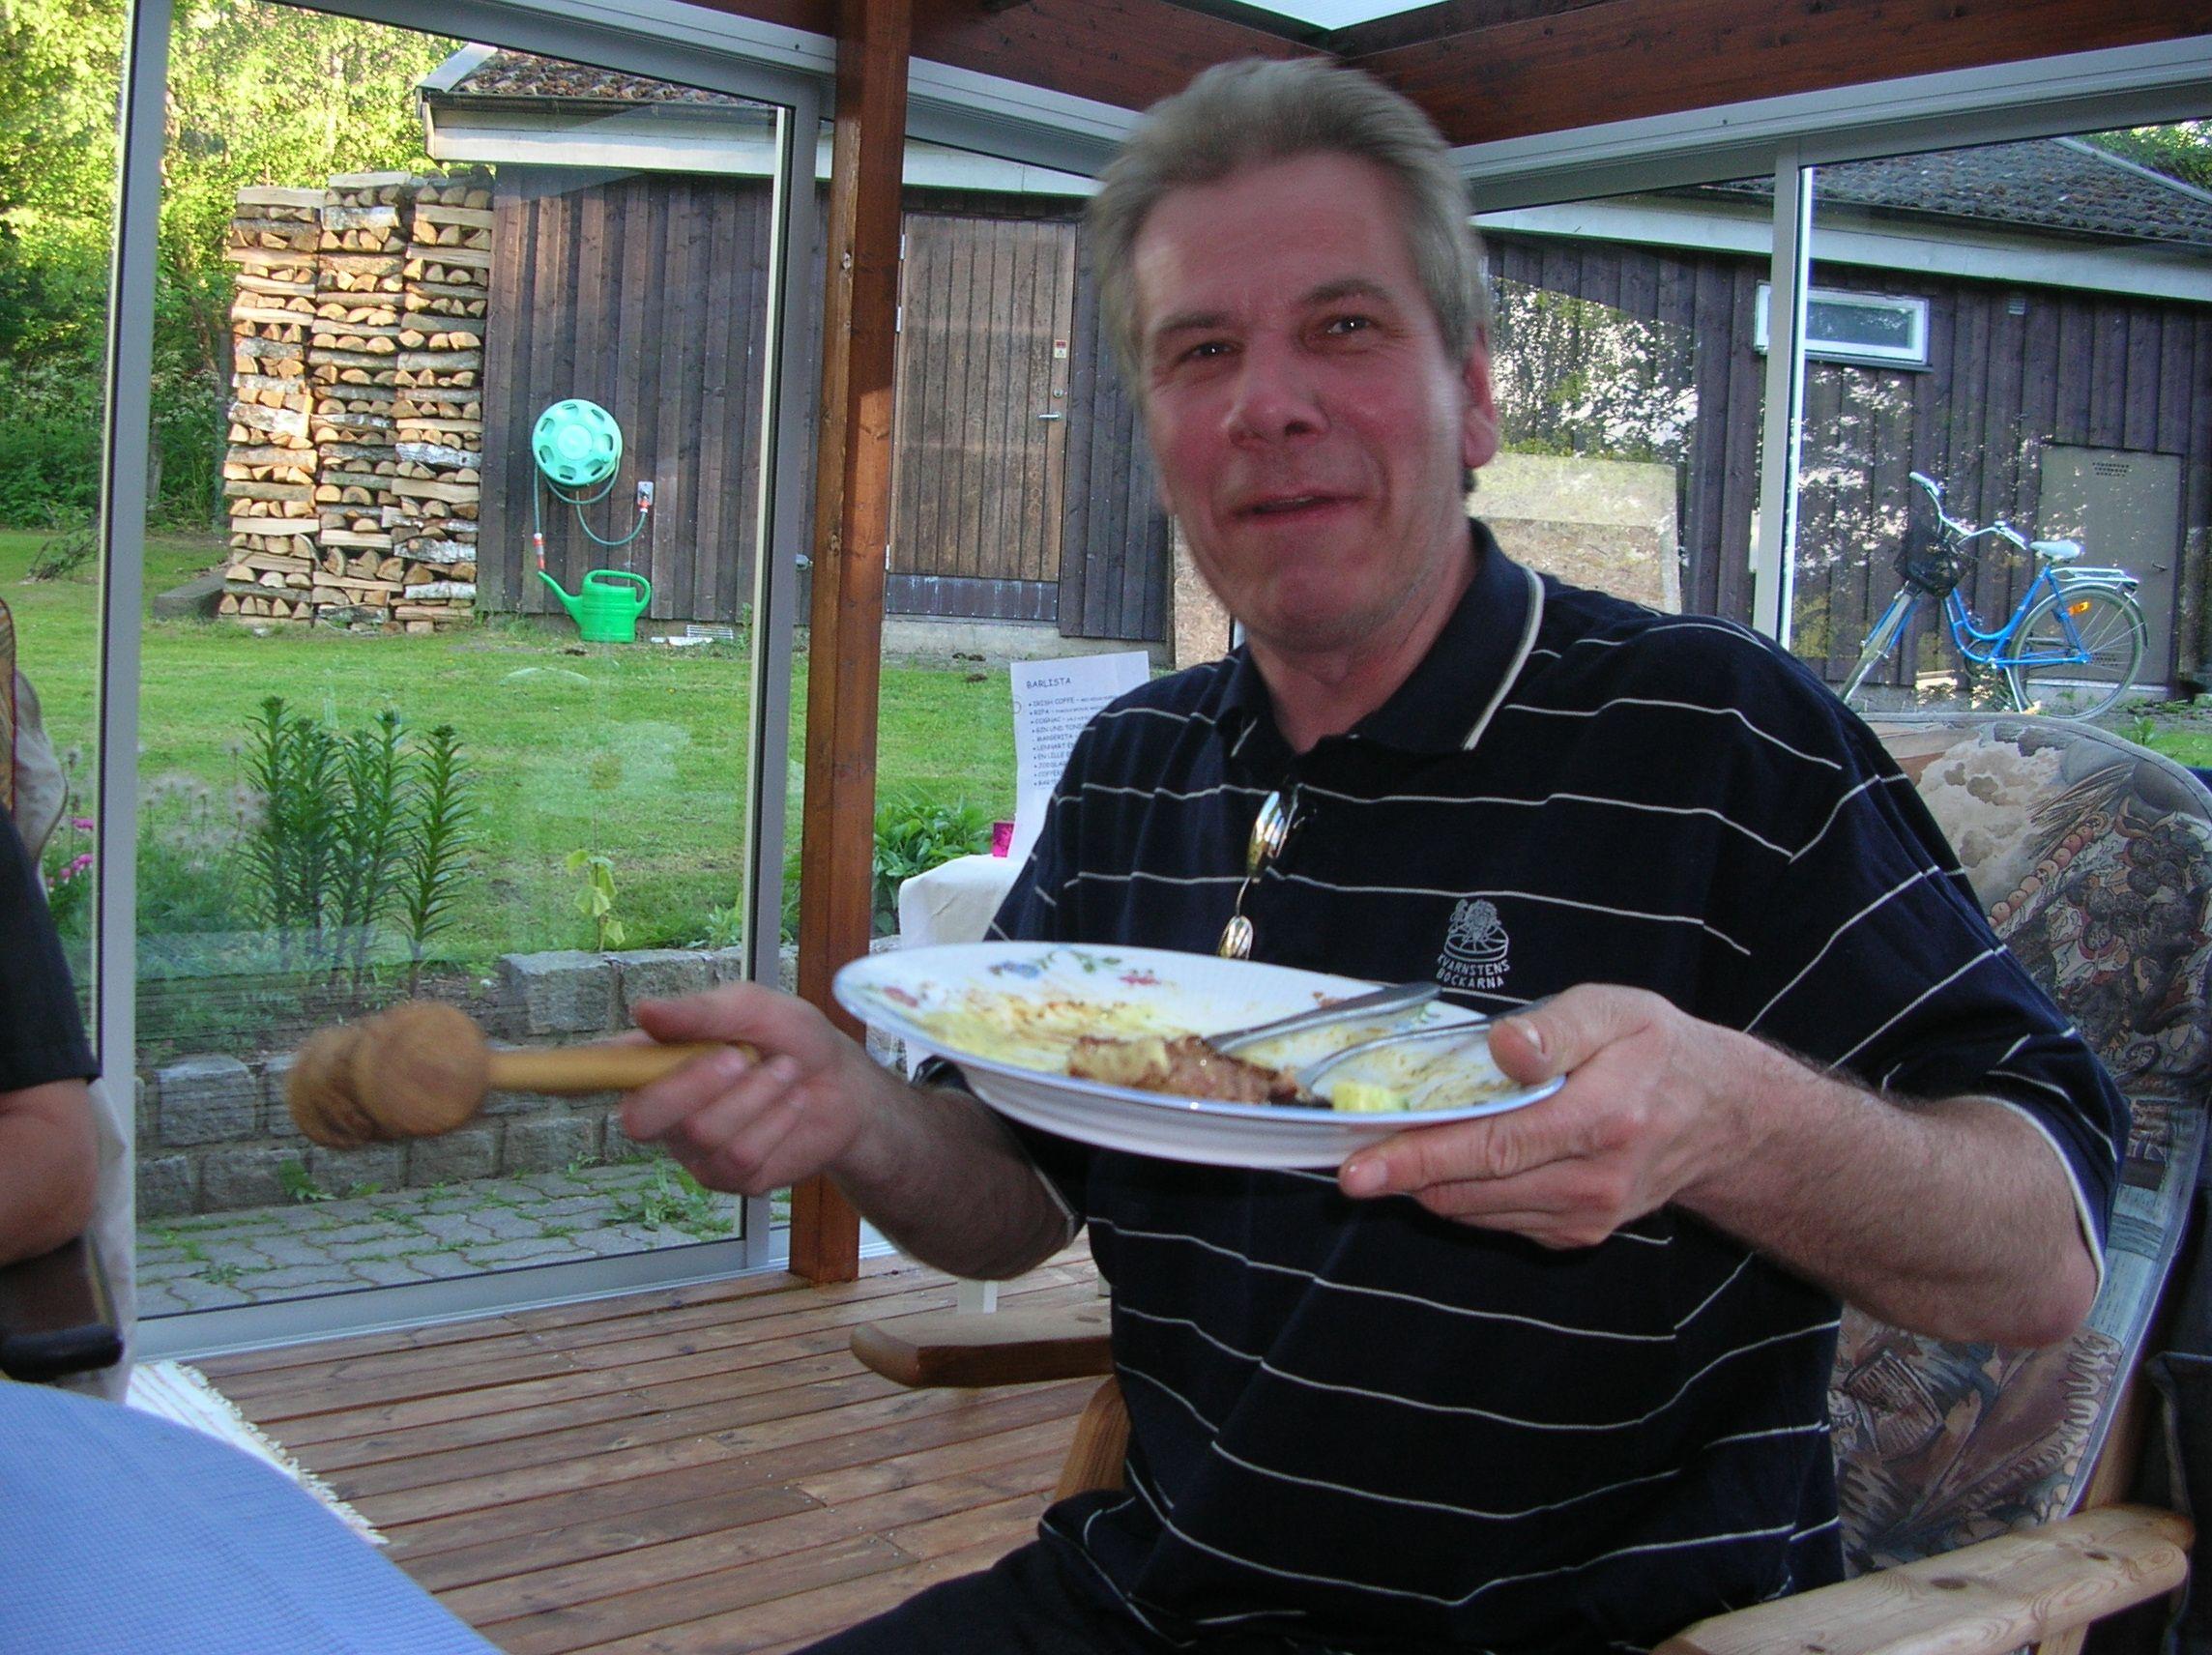 kvarnstensbockarna.se/image/bilder/2005/Möte hos Per 2005-06-11/Bild 03. Det klubbar vi på.jpg